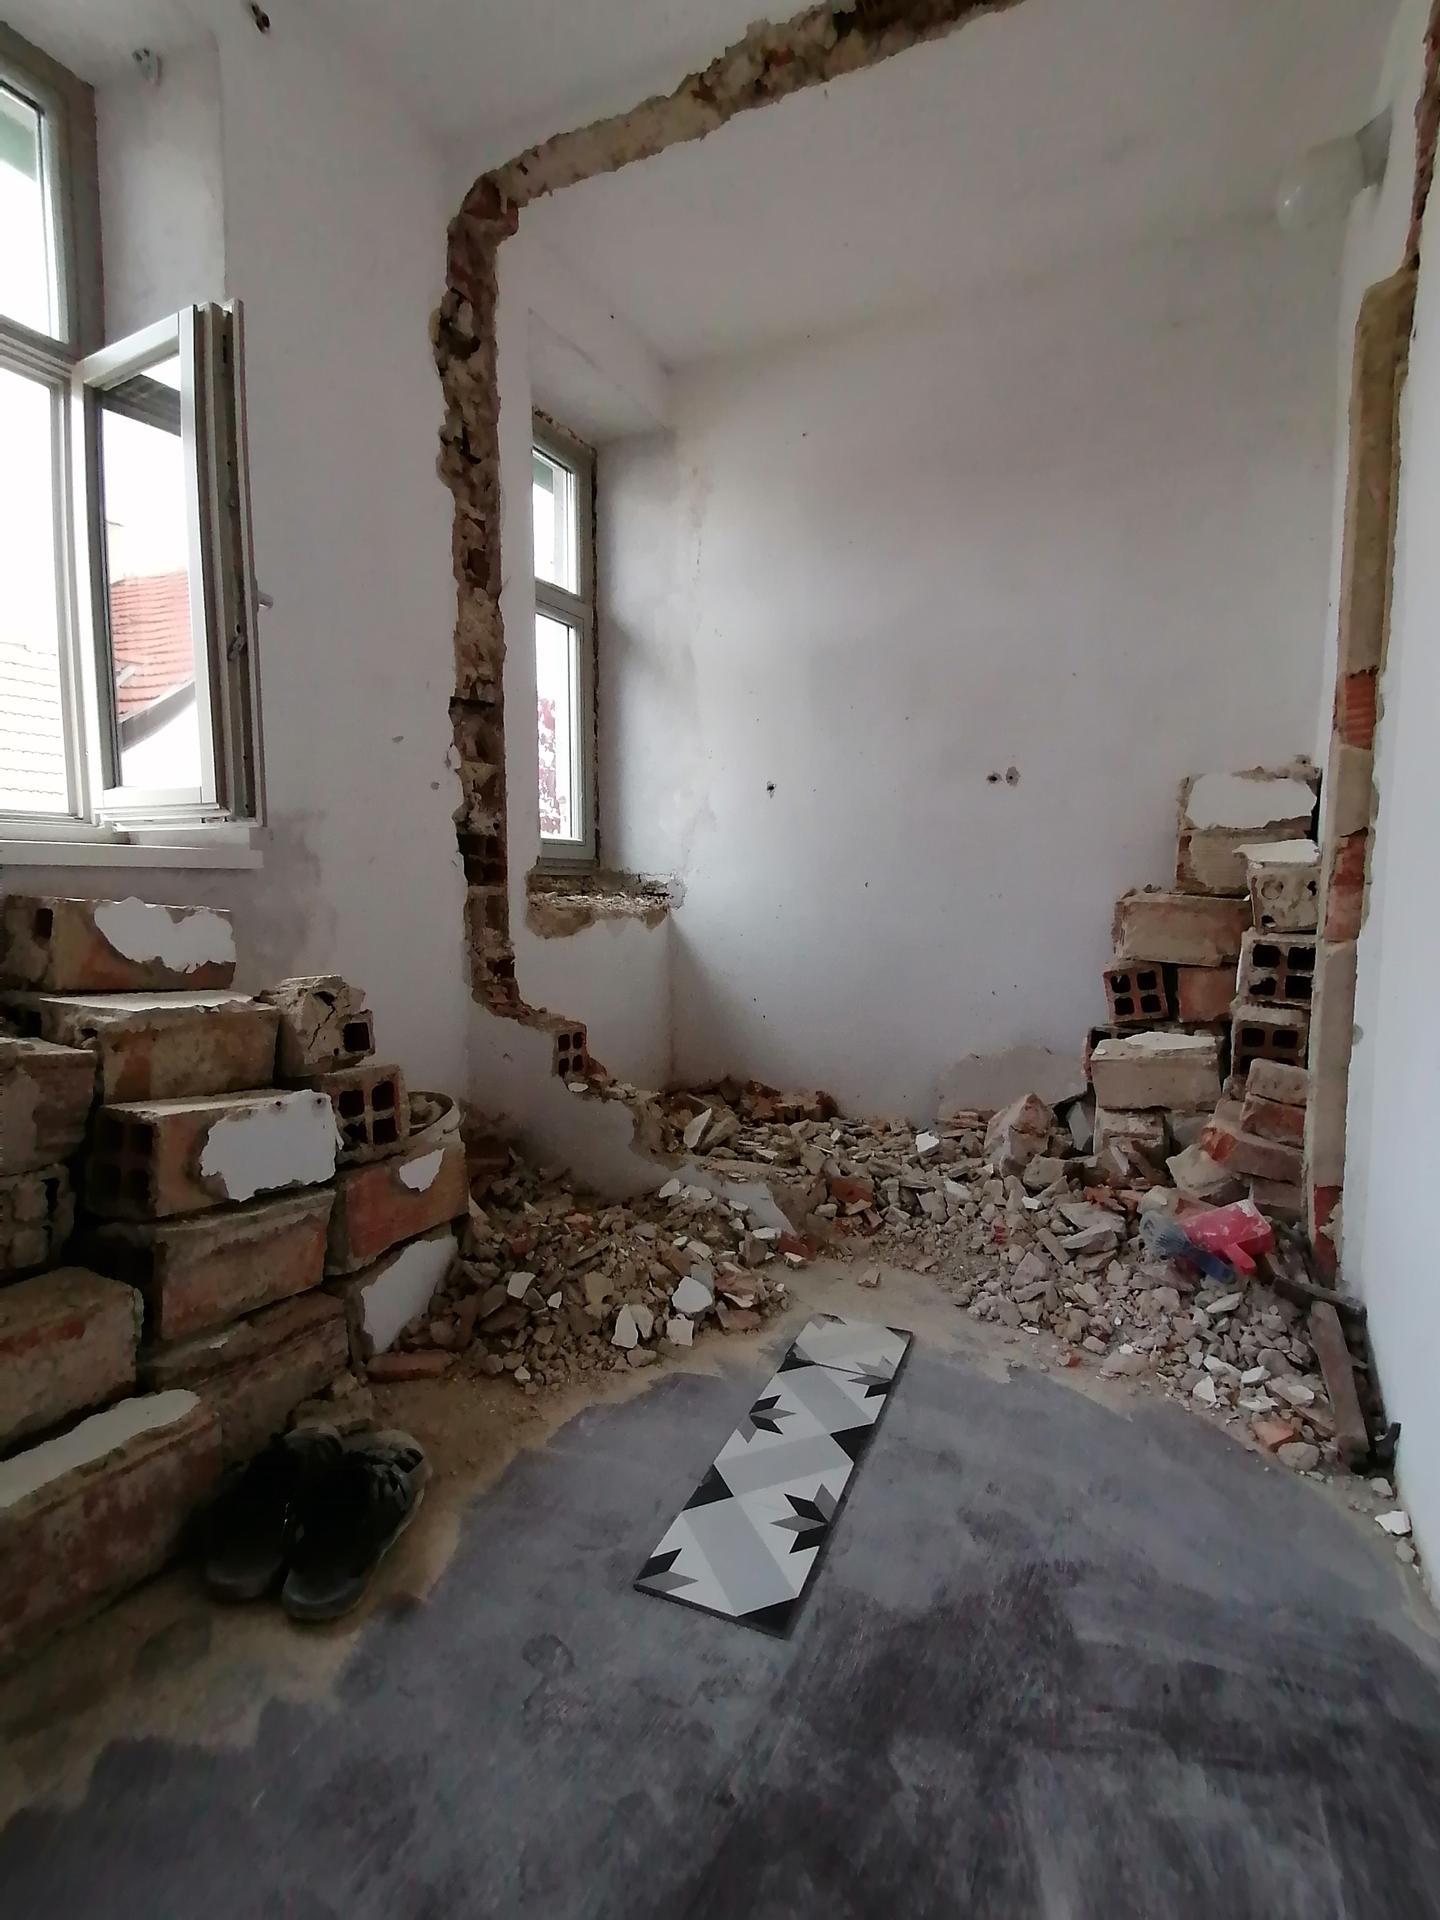 V sobotu se dokončilo broušení a olejovani podlah ve dvou místnostech, přesouvání komplet ložnice včetně šatních skříní kvůli broušení tam a zpět po domě. Ještě jsem ani nestihla poradne vše uklidit a dnes? Budování zdar 😁👌 - Obrázek č. 1